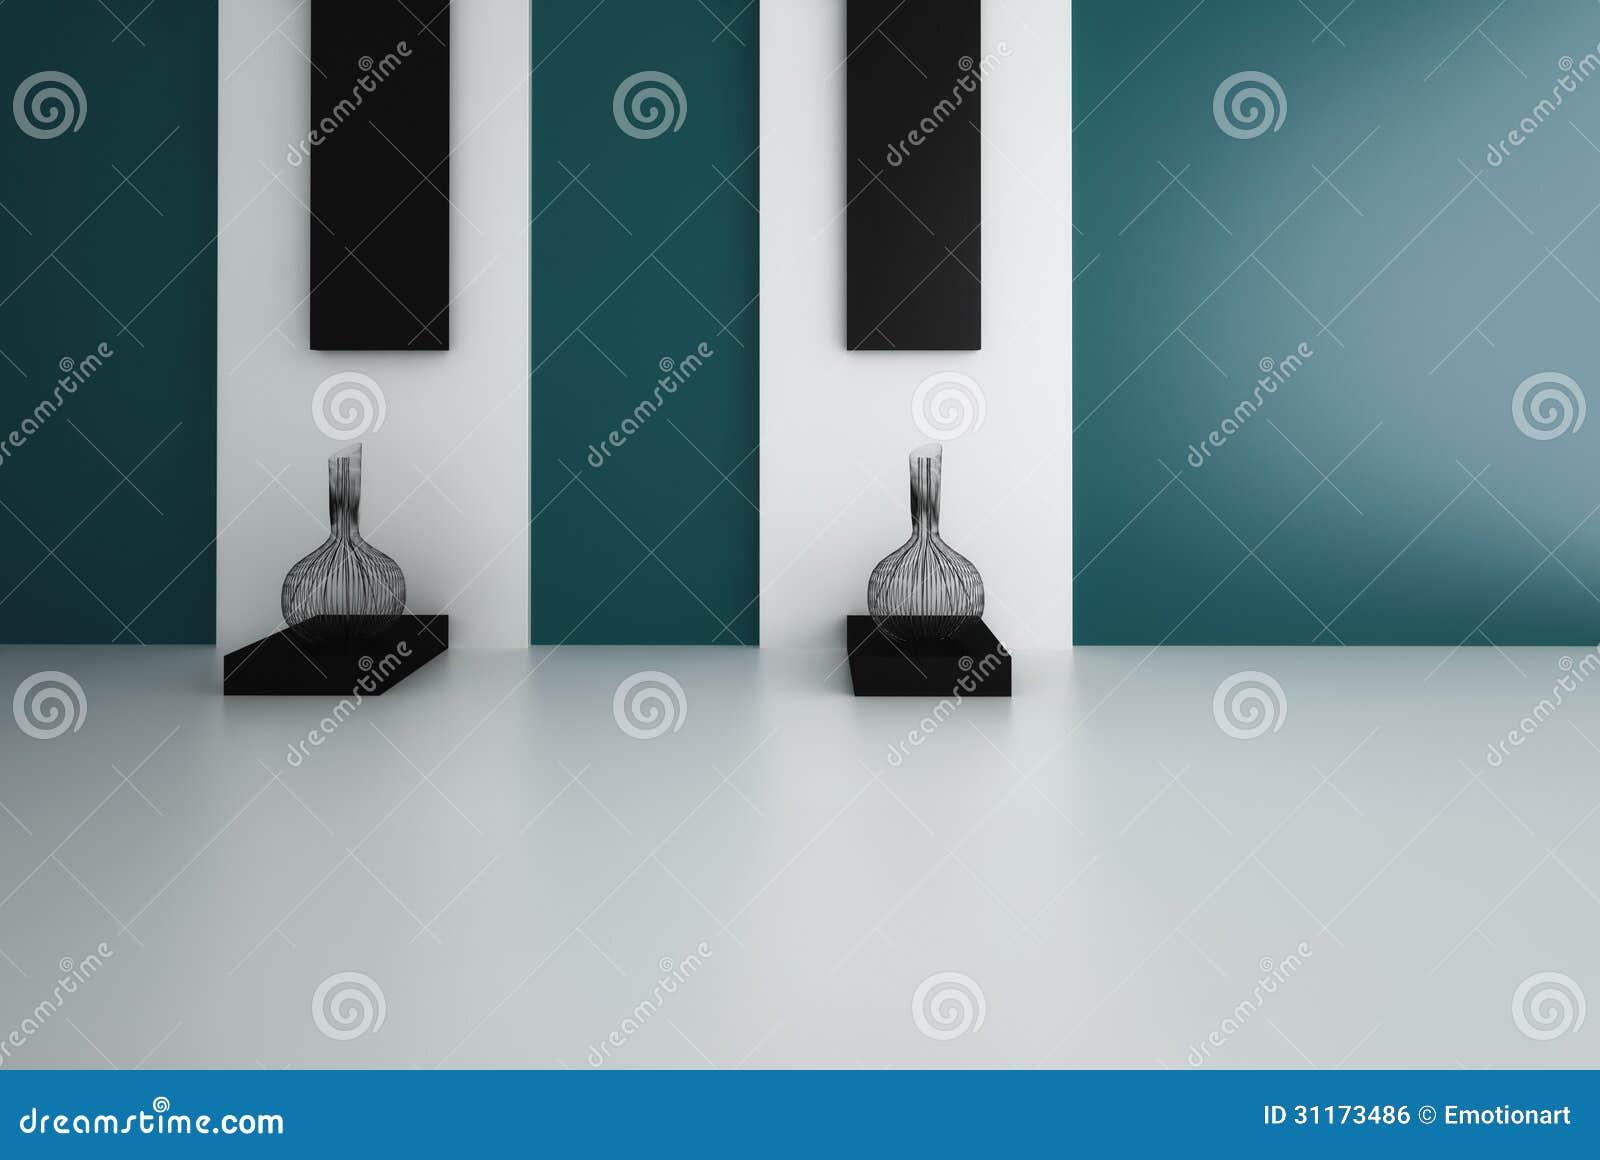 Interior moderno con dos floreros modernos imagen de - Floreros modernos ...